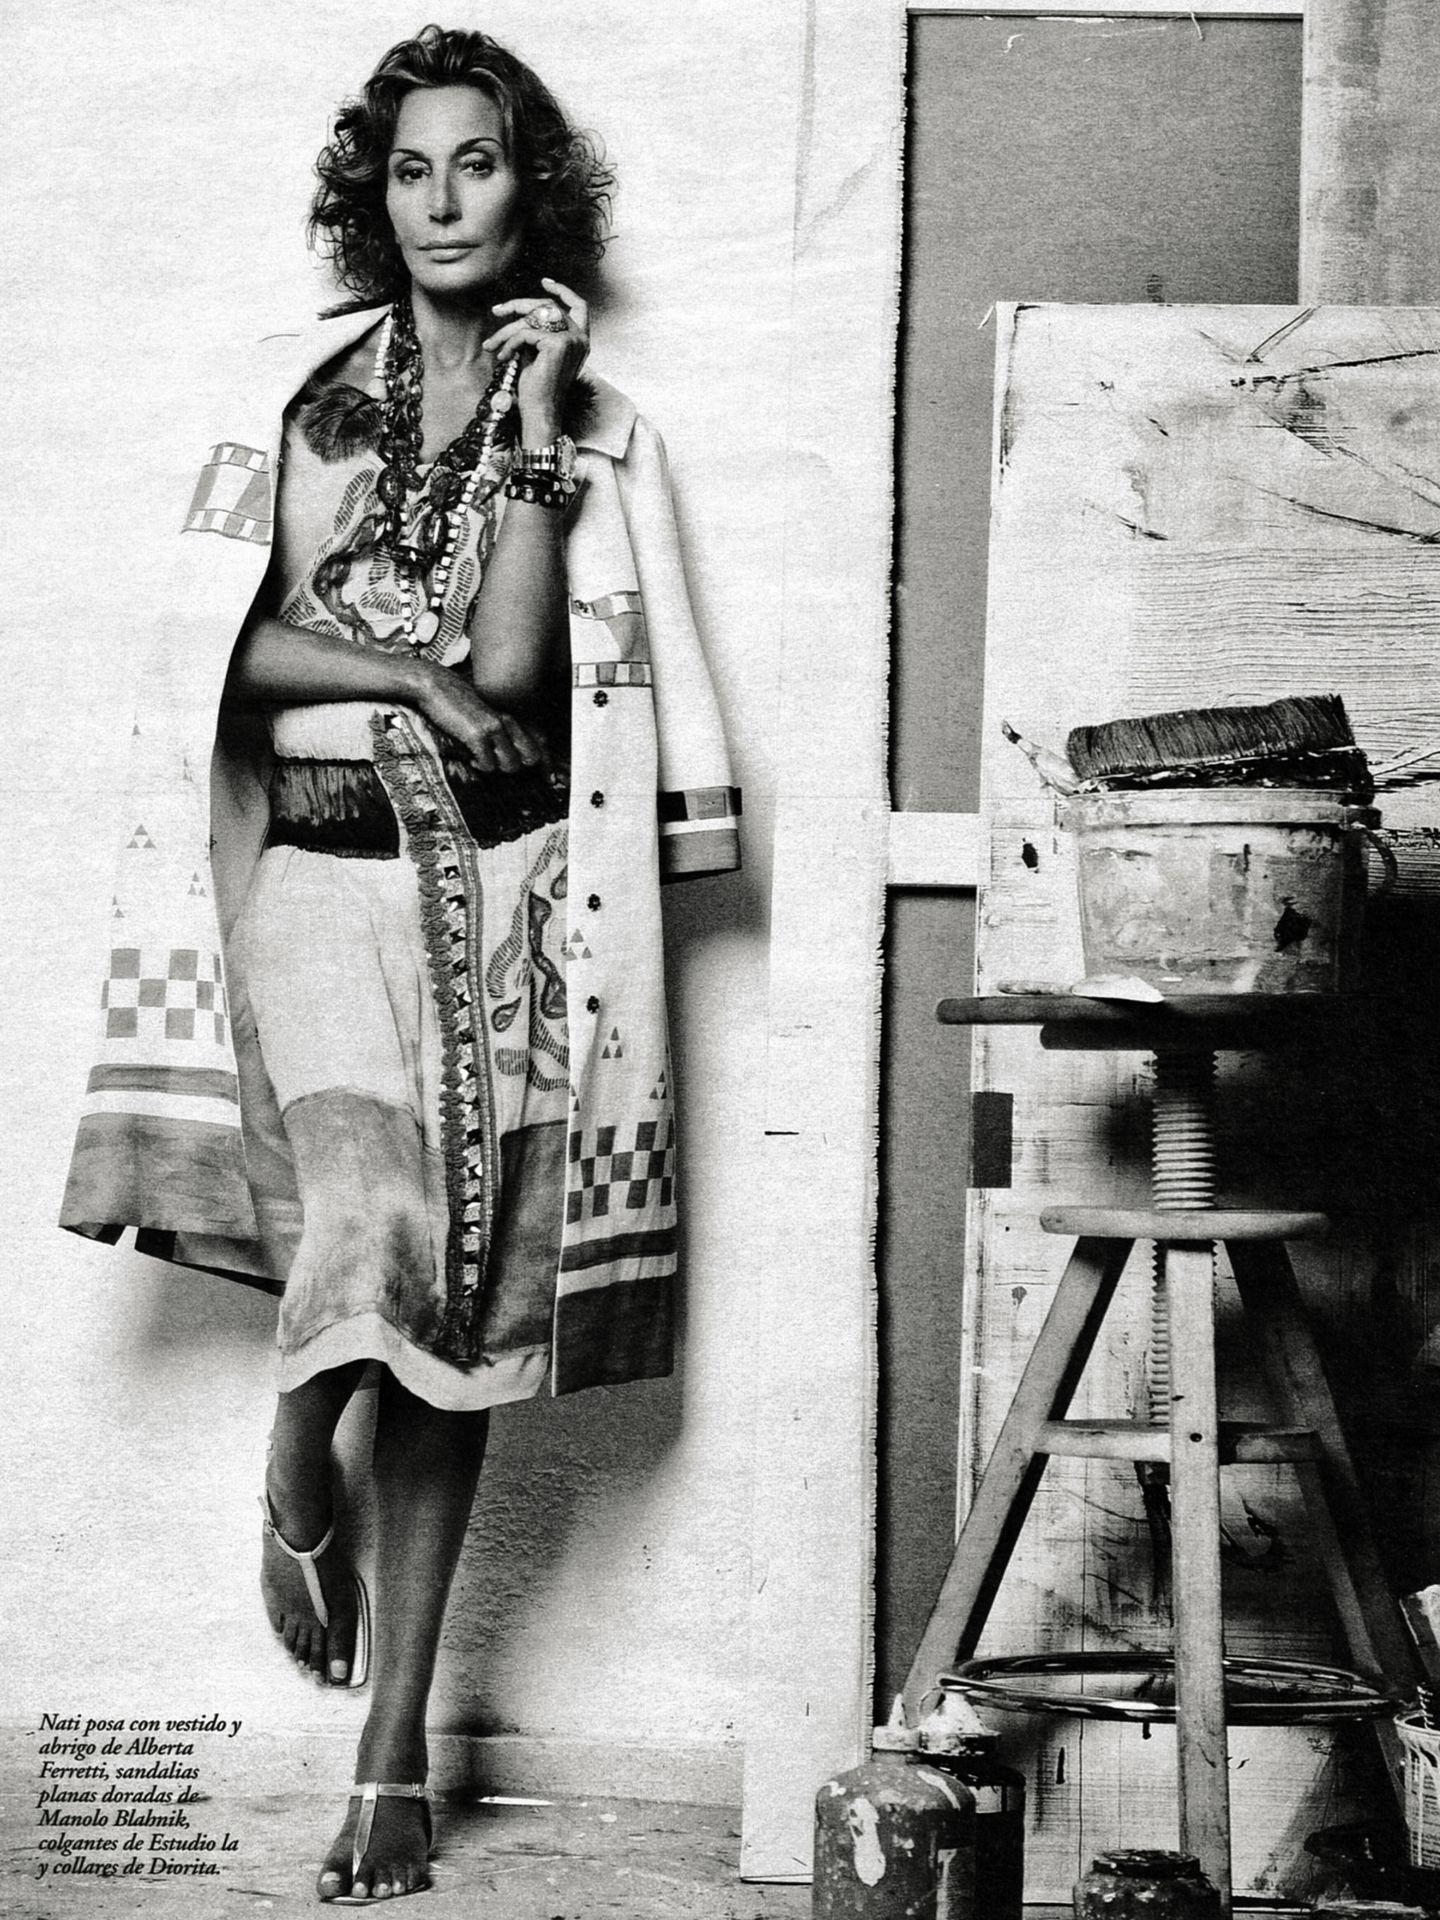 Naty Abascal, fotografiada por Mario Sierra en el taller del pintor Badri, 2006.(Archivos de Naty, por cortesía de ©Mario Sierra)